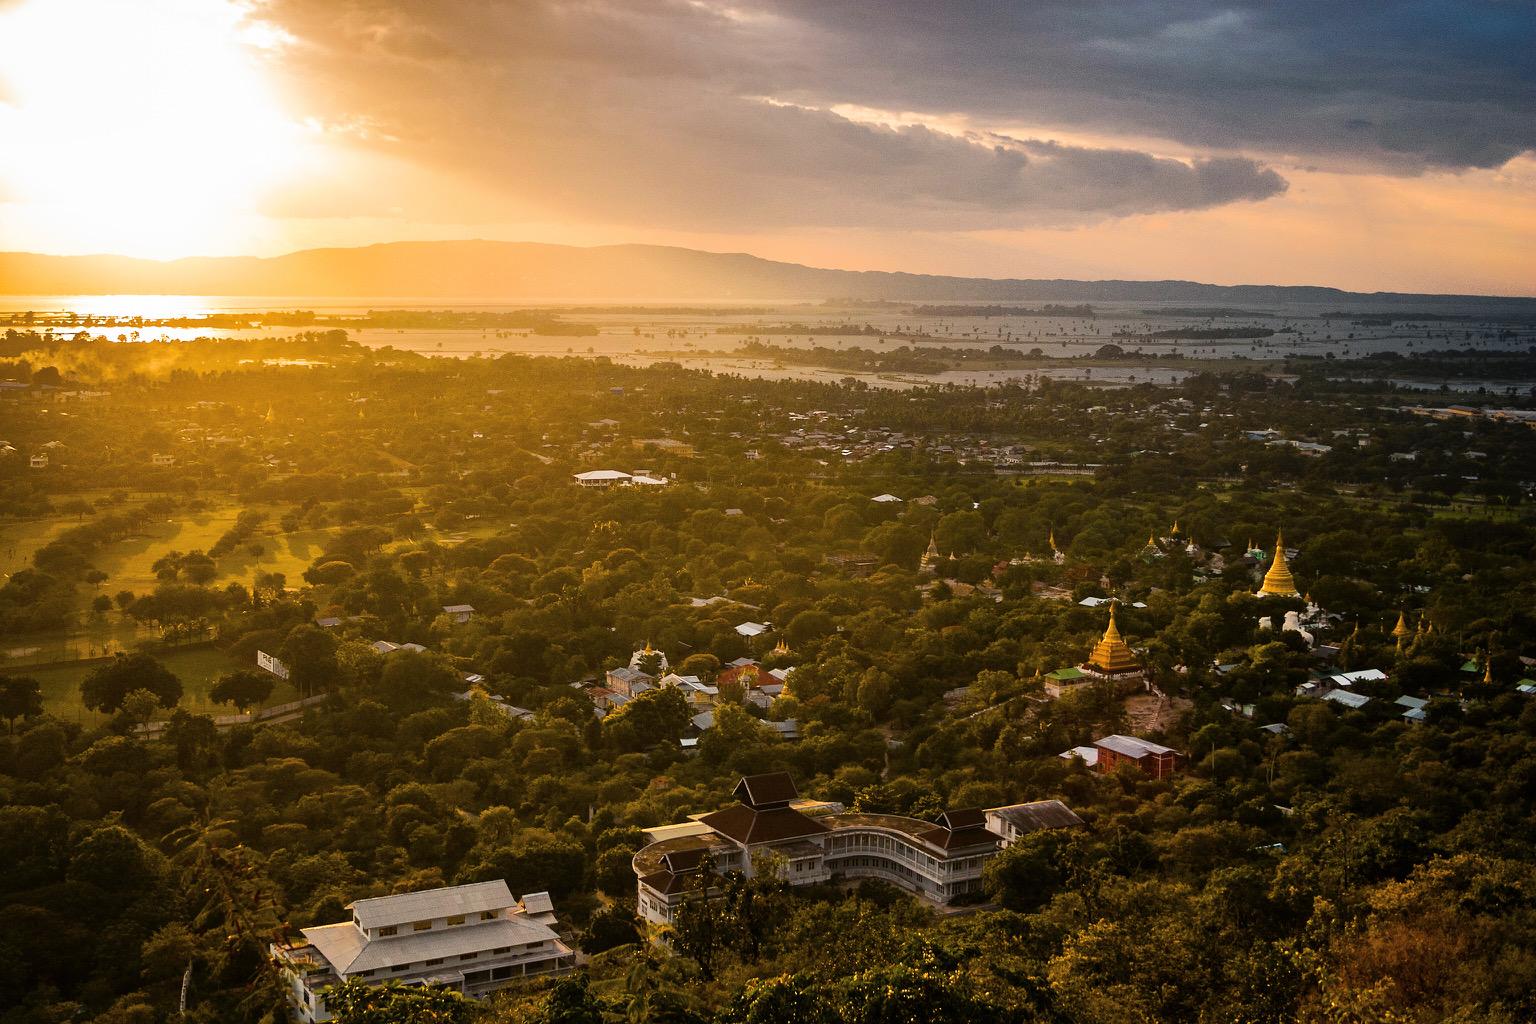 Mandalay Hill View